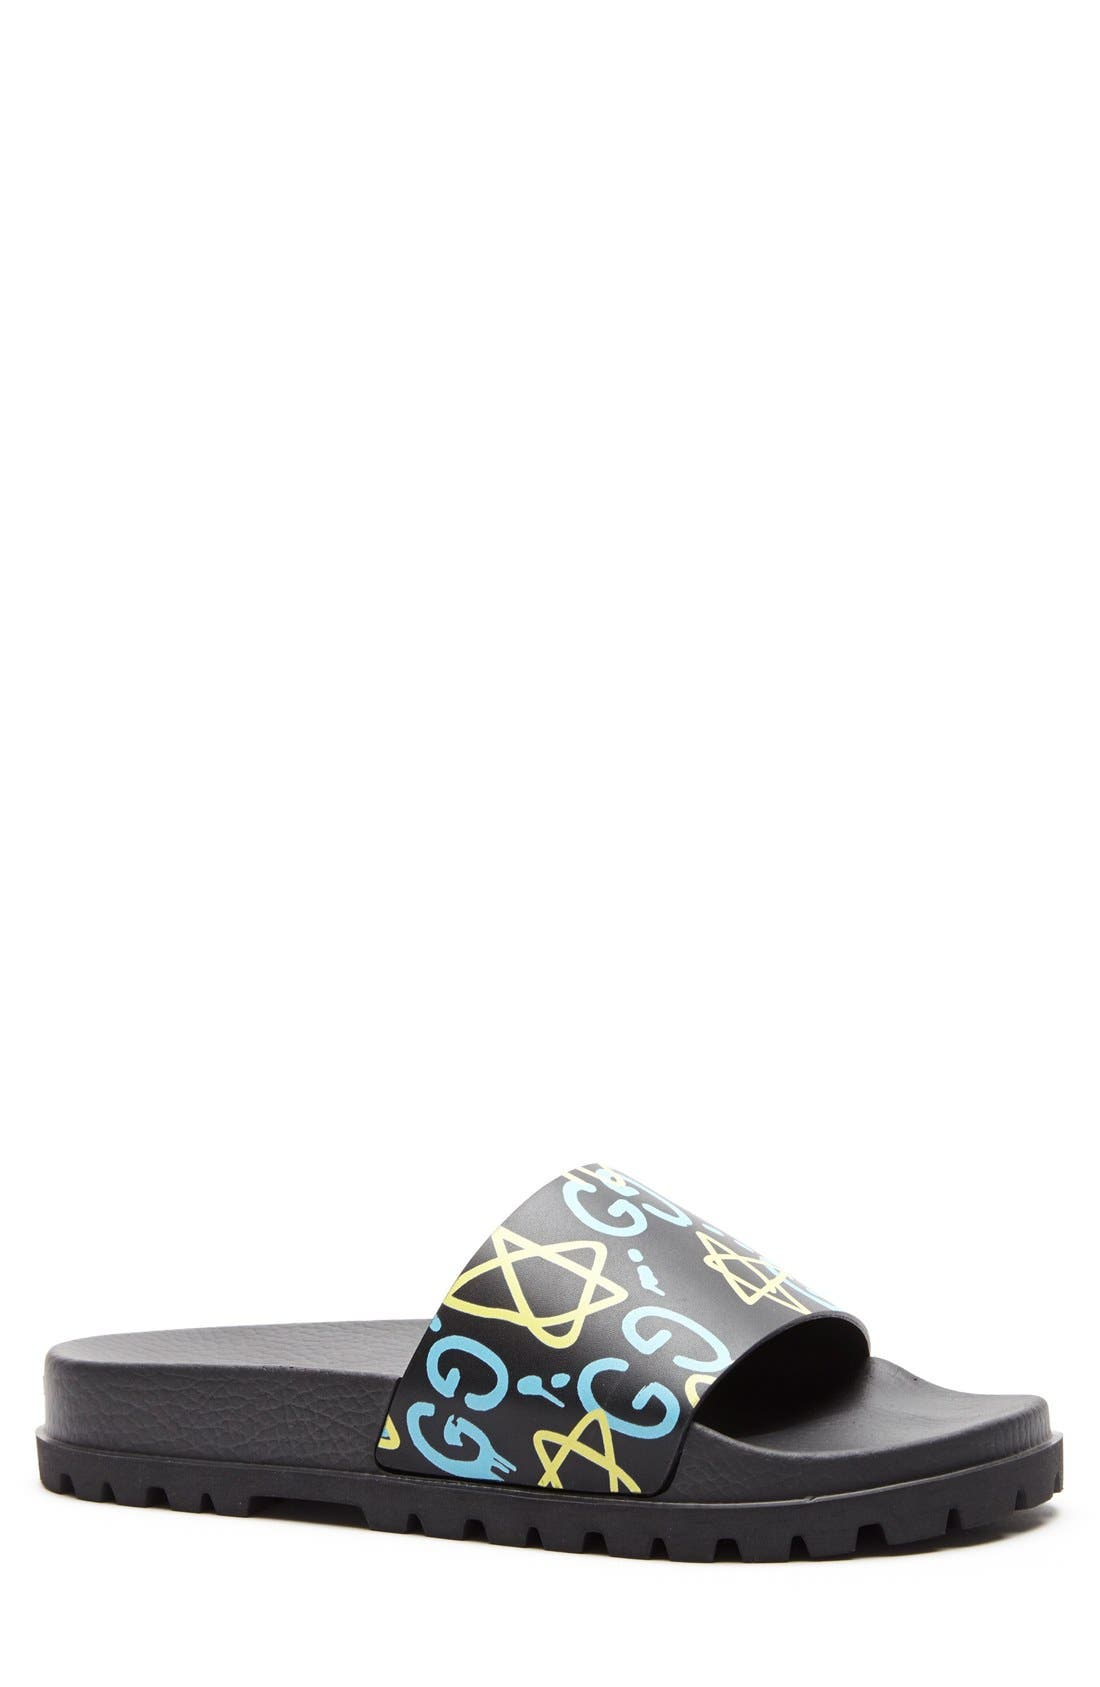 'Pursuit Treck' Slide Sandal,                         Main,                         color, 001